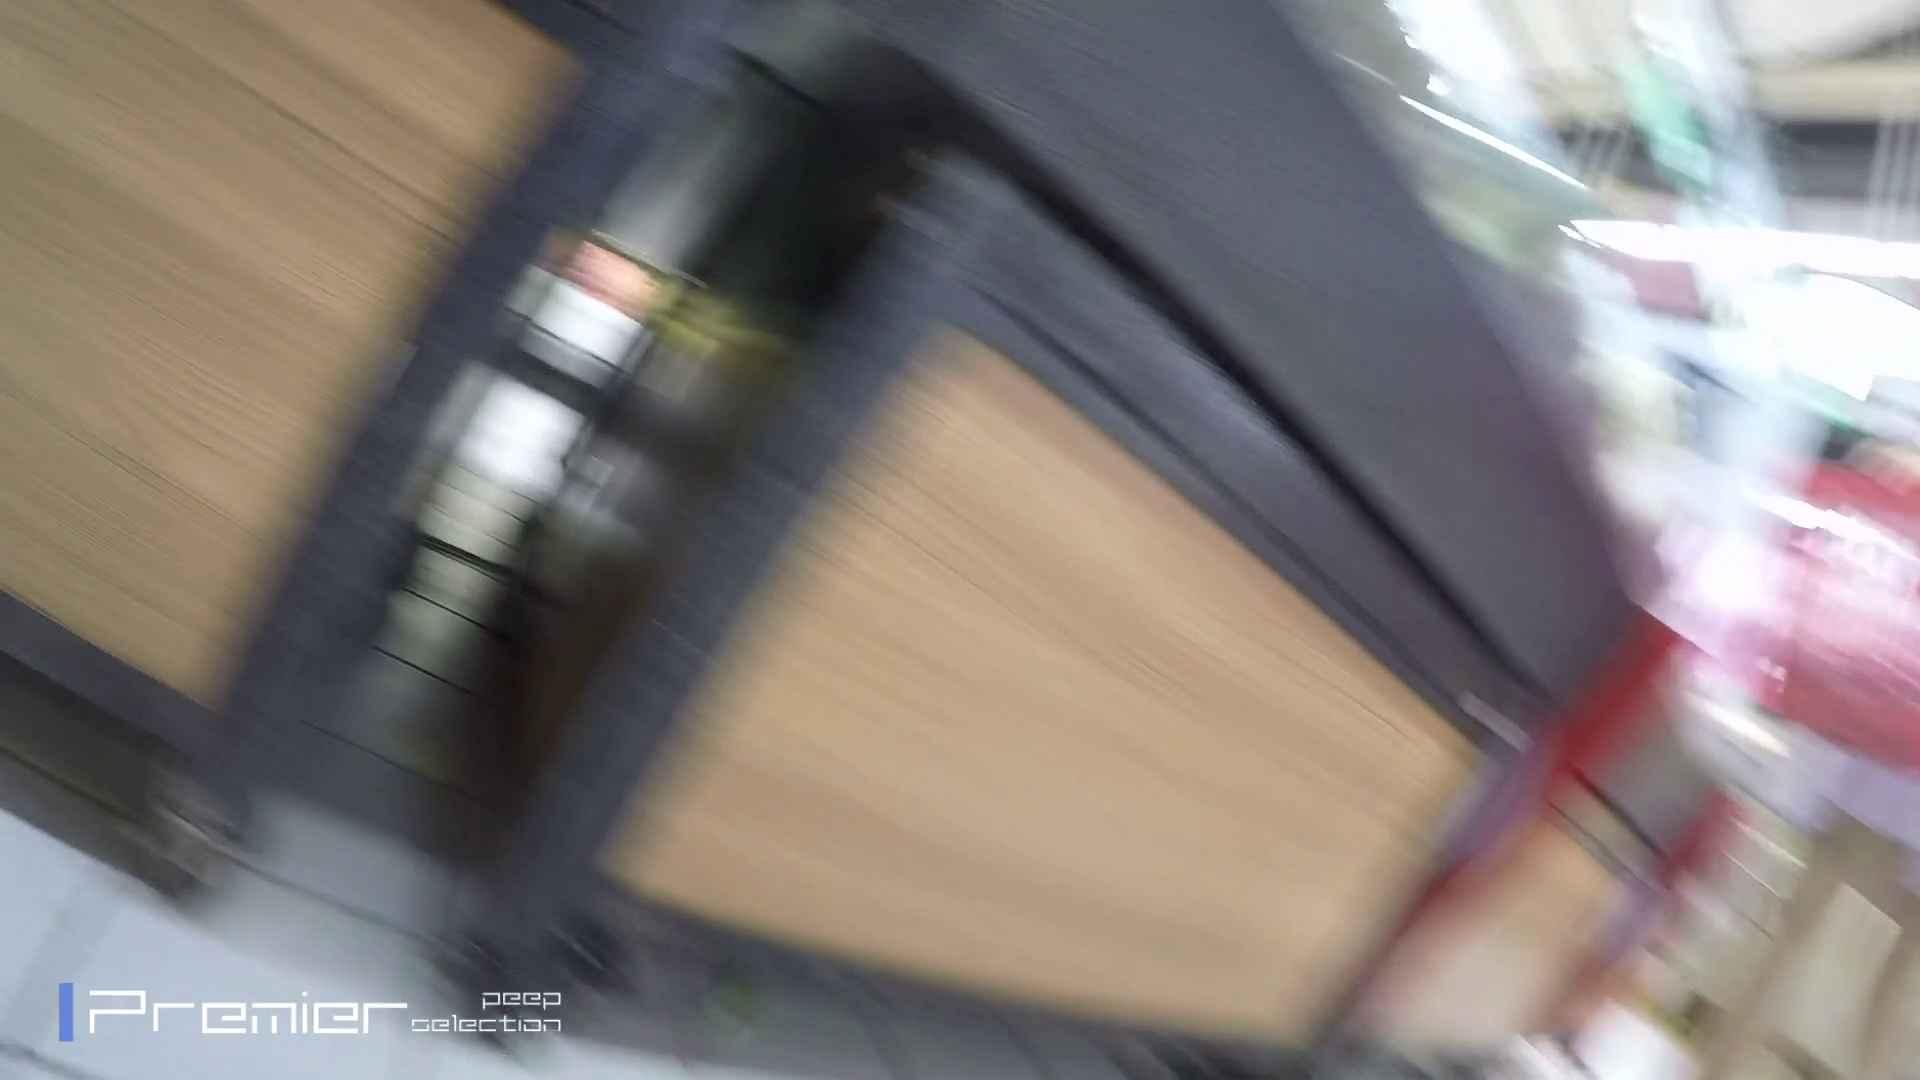 お嬢様風の乙女 食い込む黒パン 美女の下半身を粘着撮り! Vol.02 パンチラ オメコ無修正動画無料 94画像 3